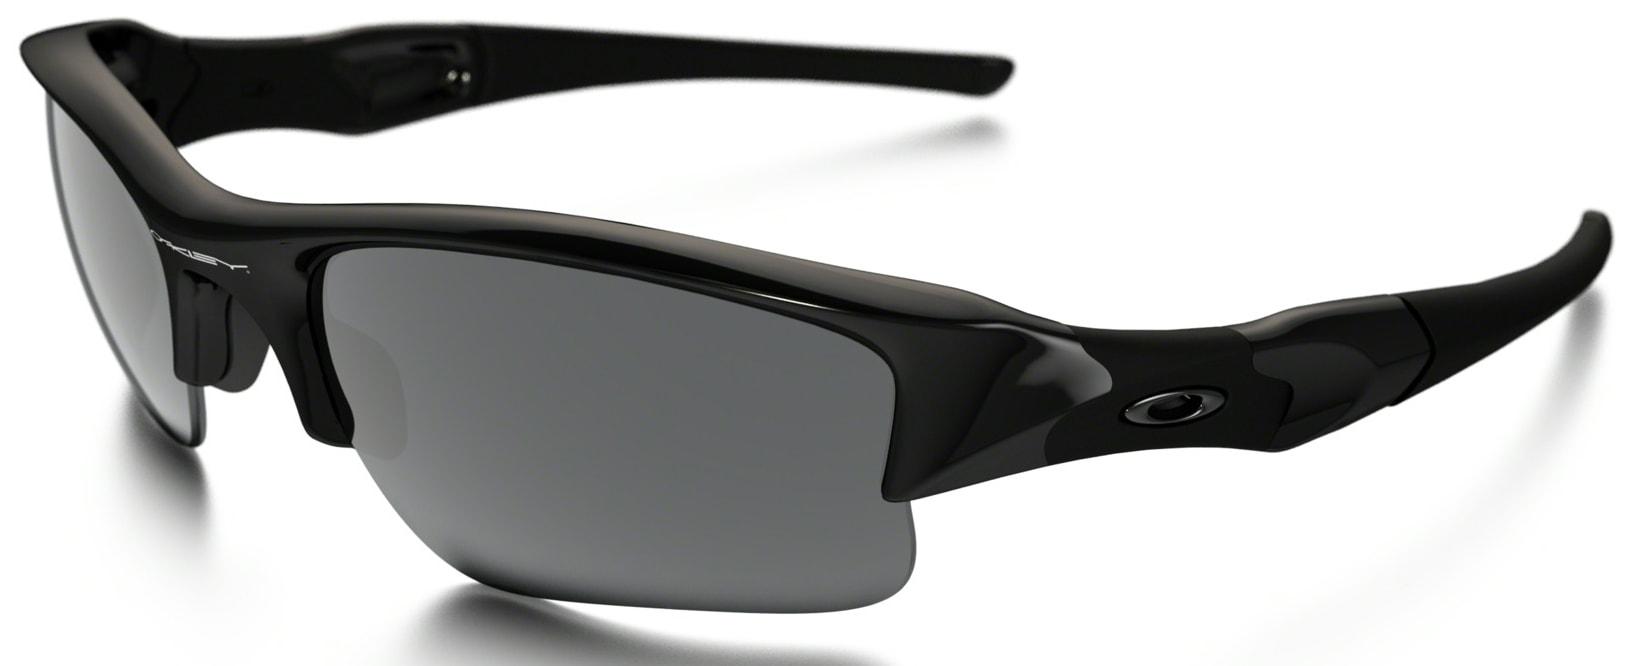 d1617aa846 Oakley Flak Jacket XLJ Sunglasses - thumbnail 1